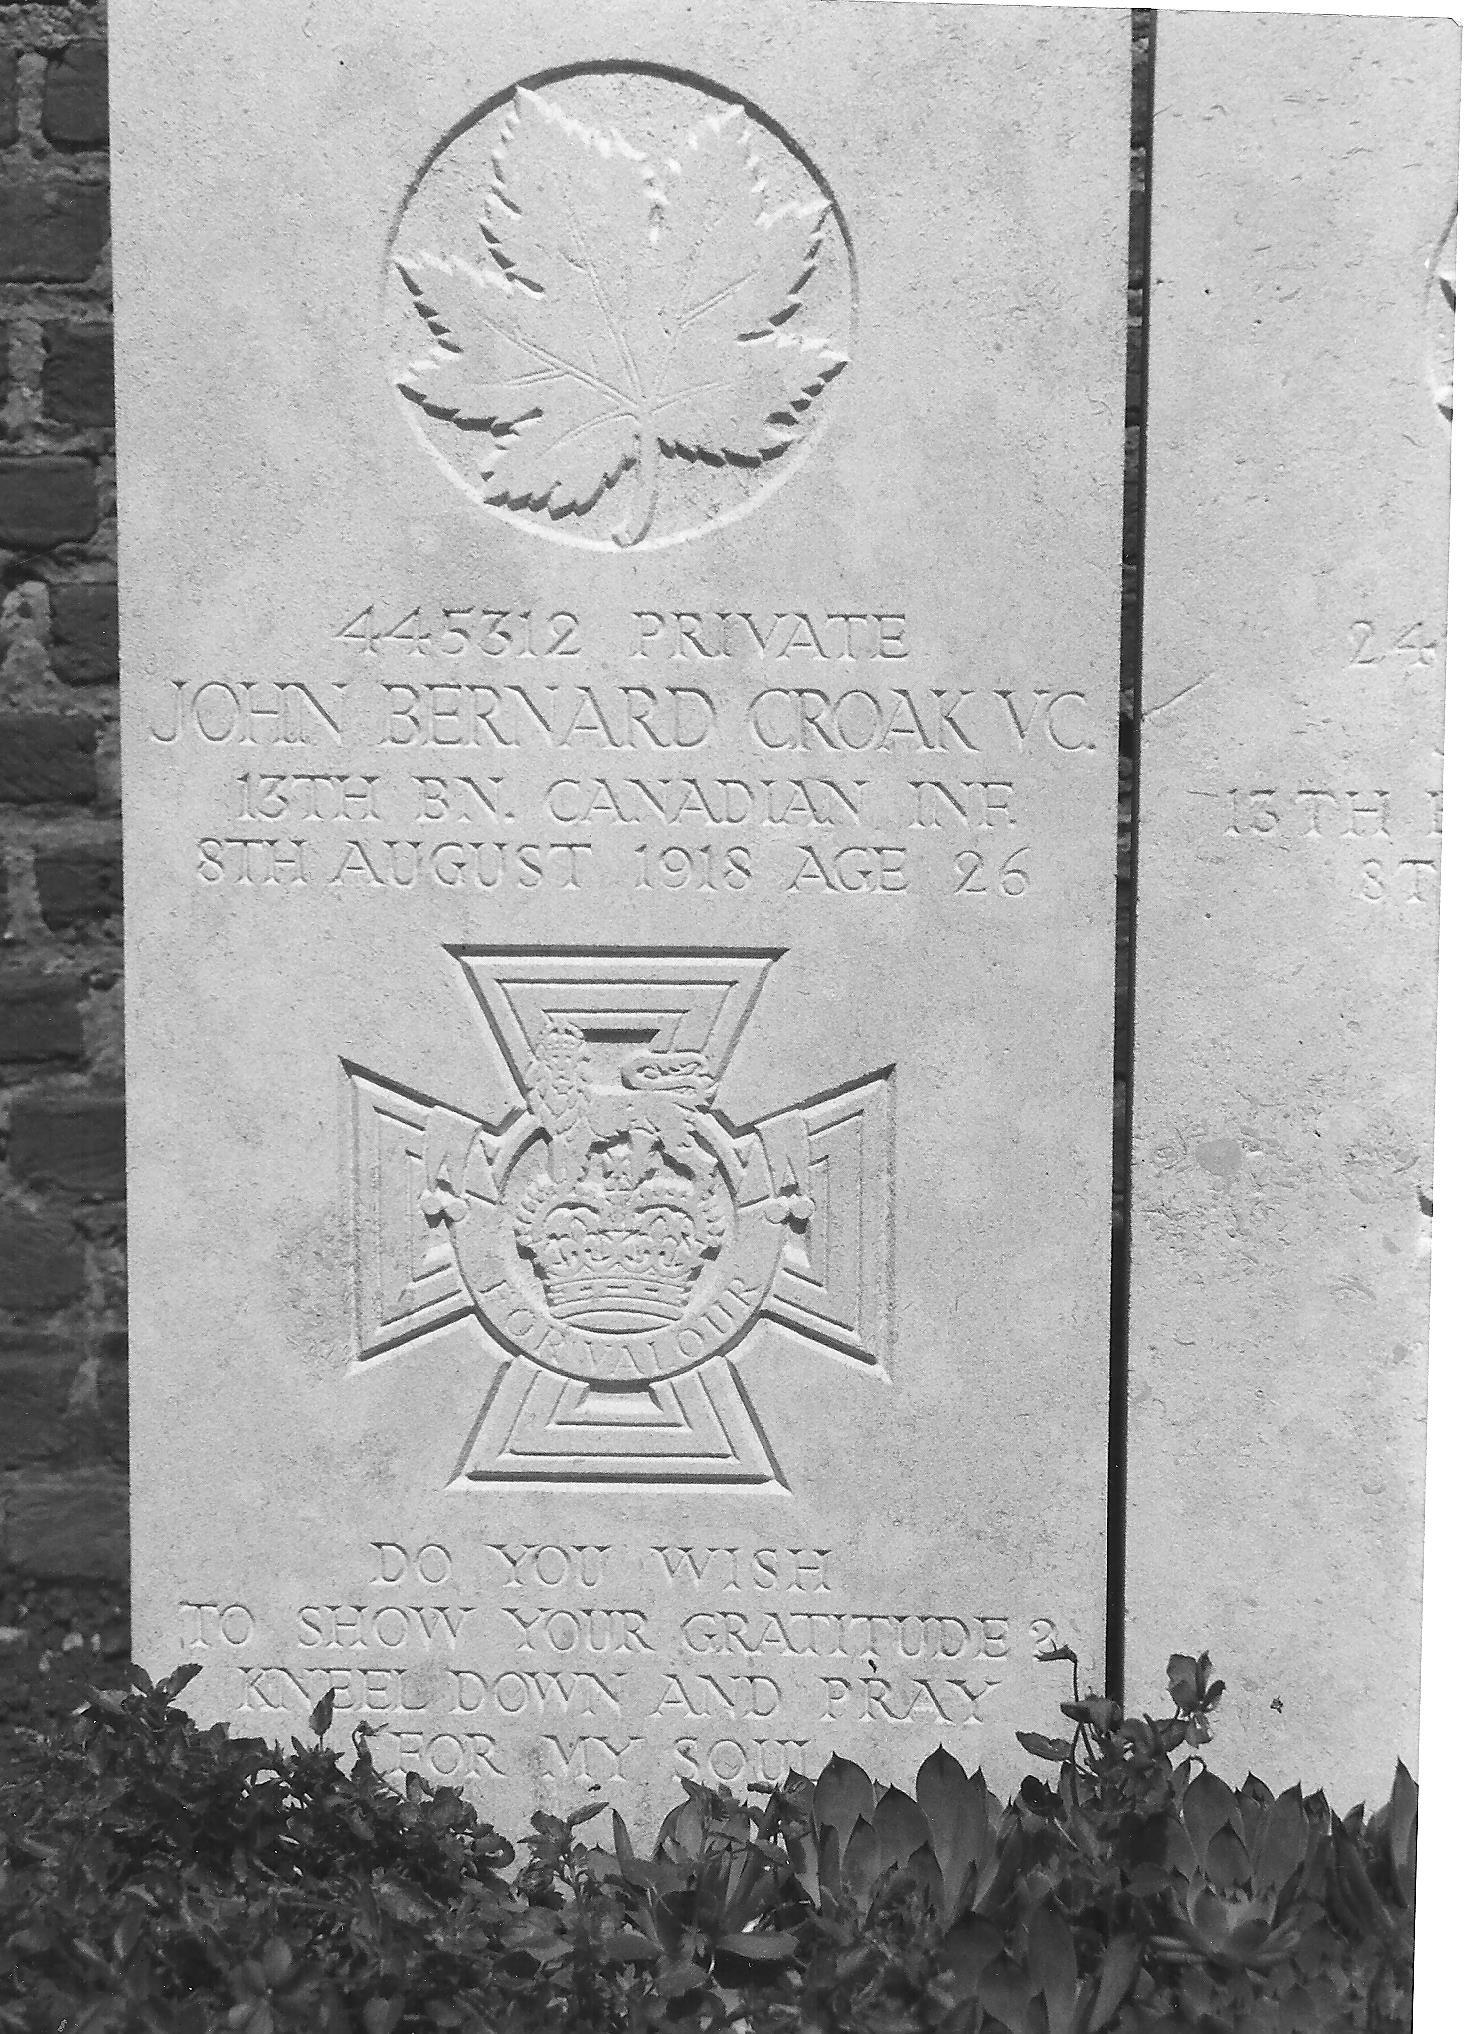 Pierre tombale de John Bernard Croak